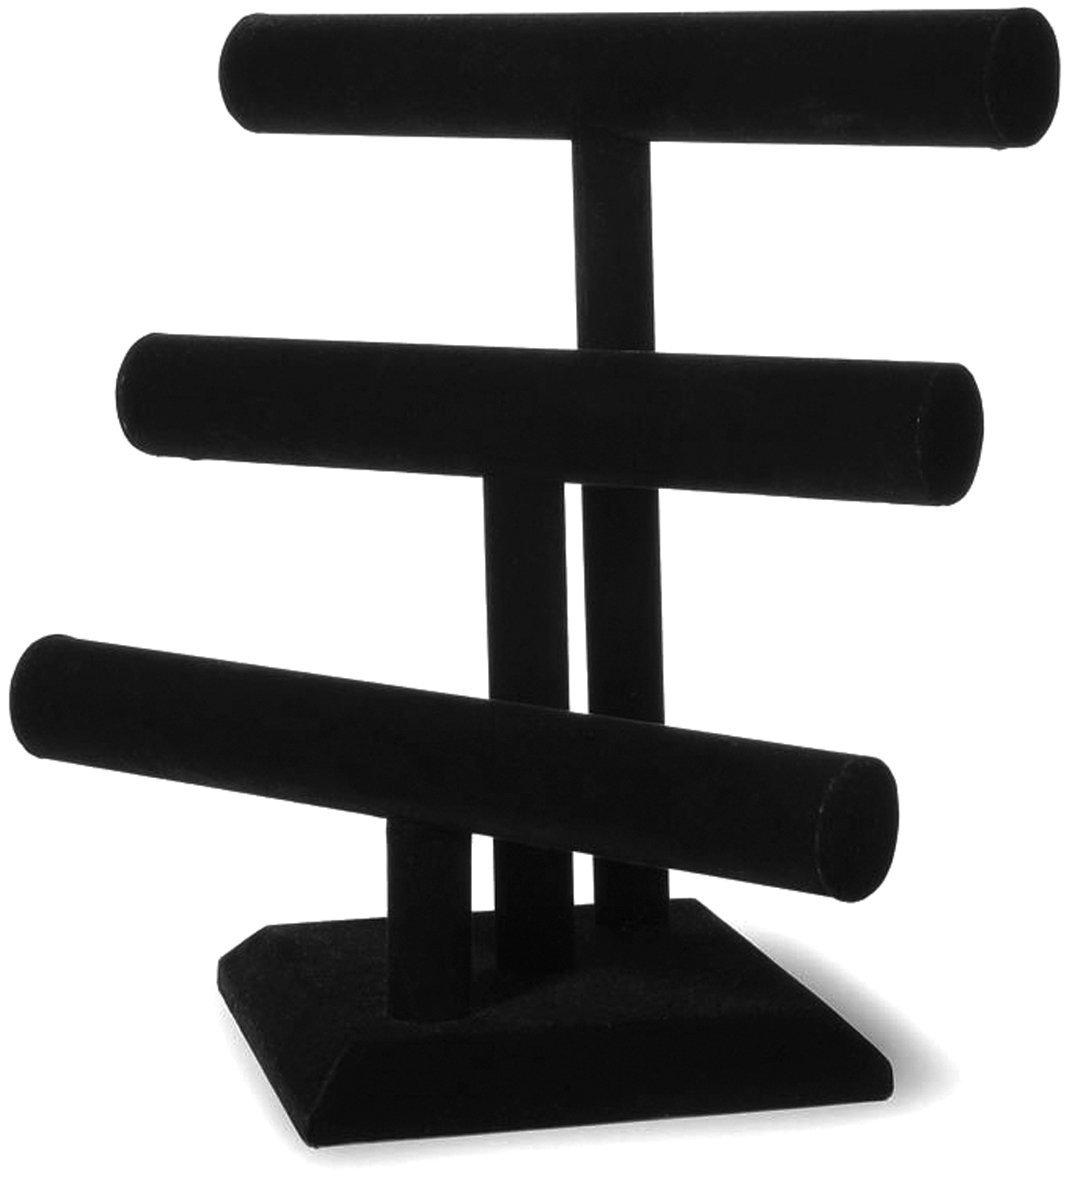 Amazoncom Black Velvet Bracelet TBar 3 Tier Jewelry Display NEW